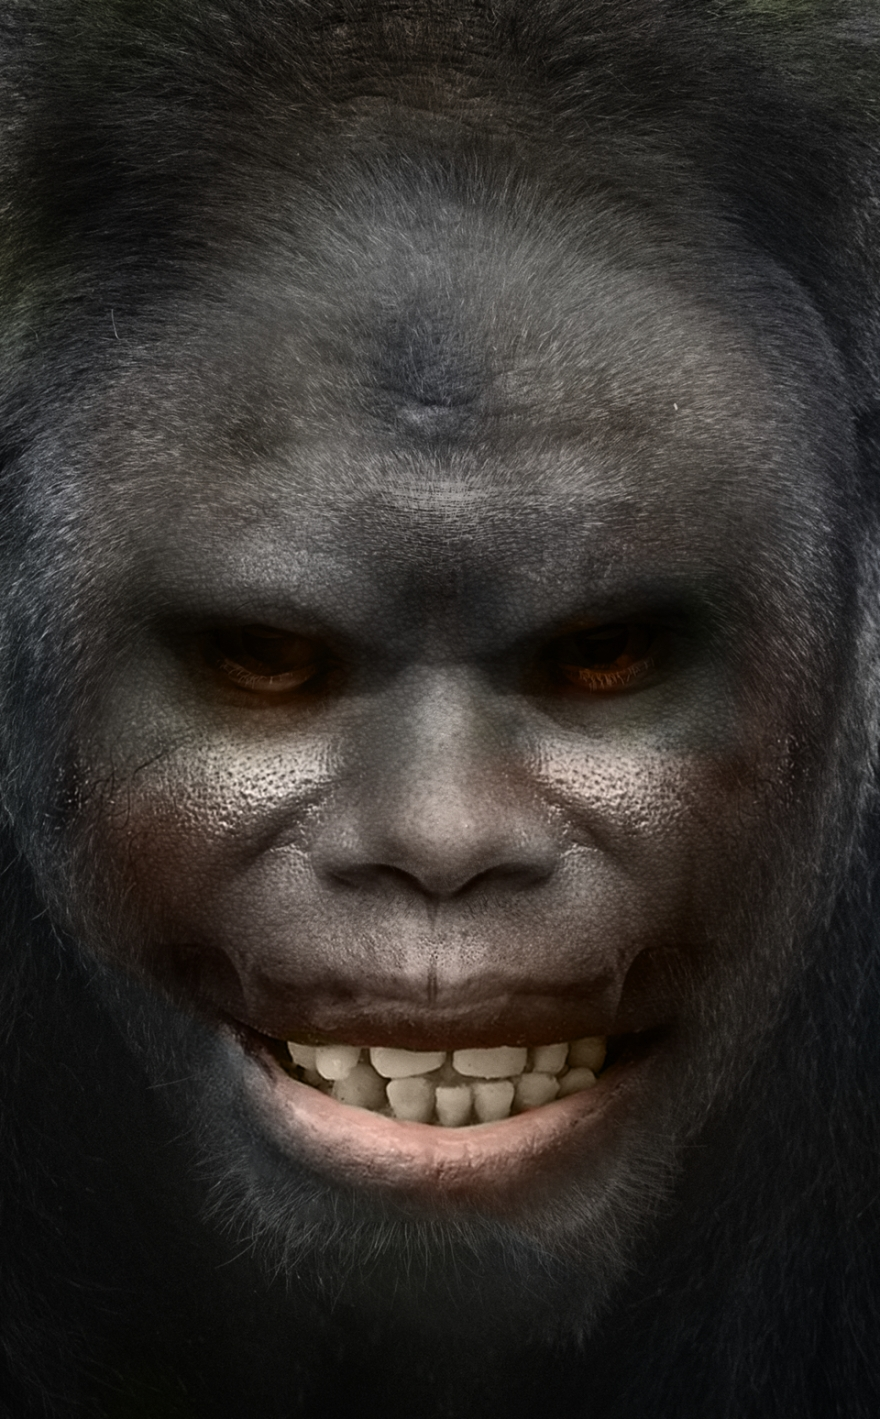 Bigfoot-Face-29